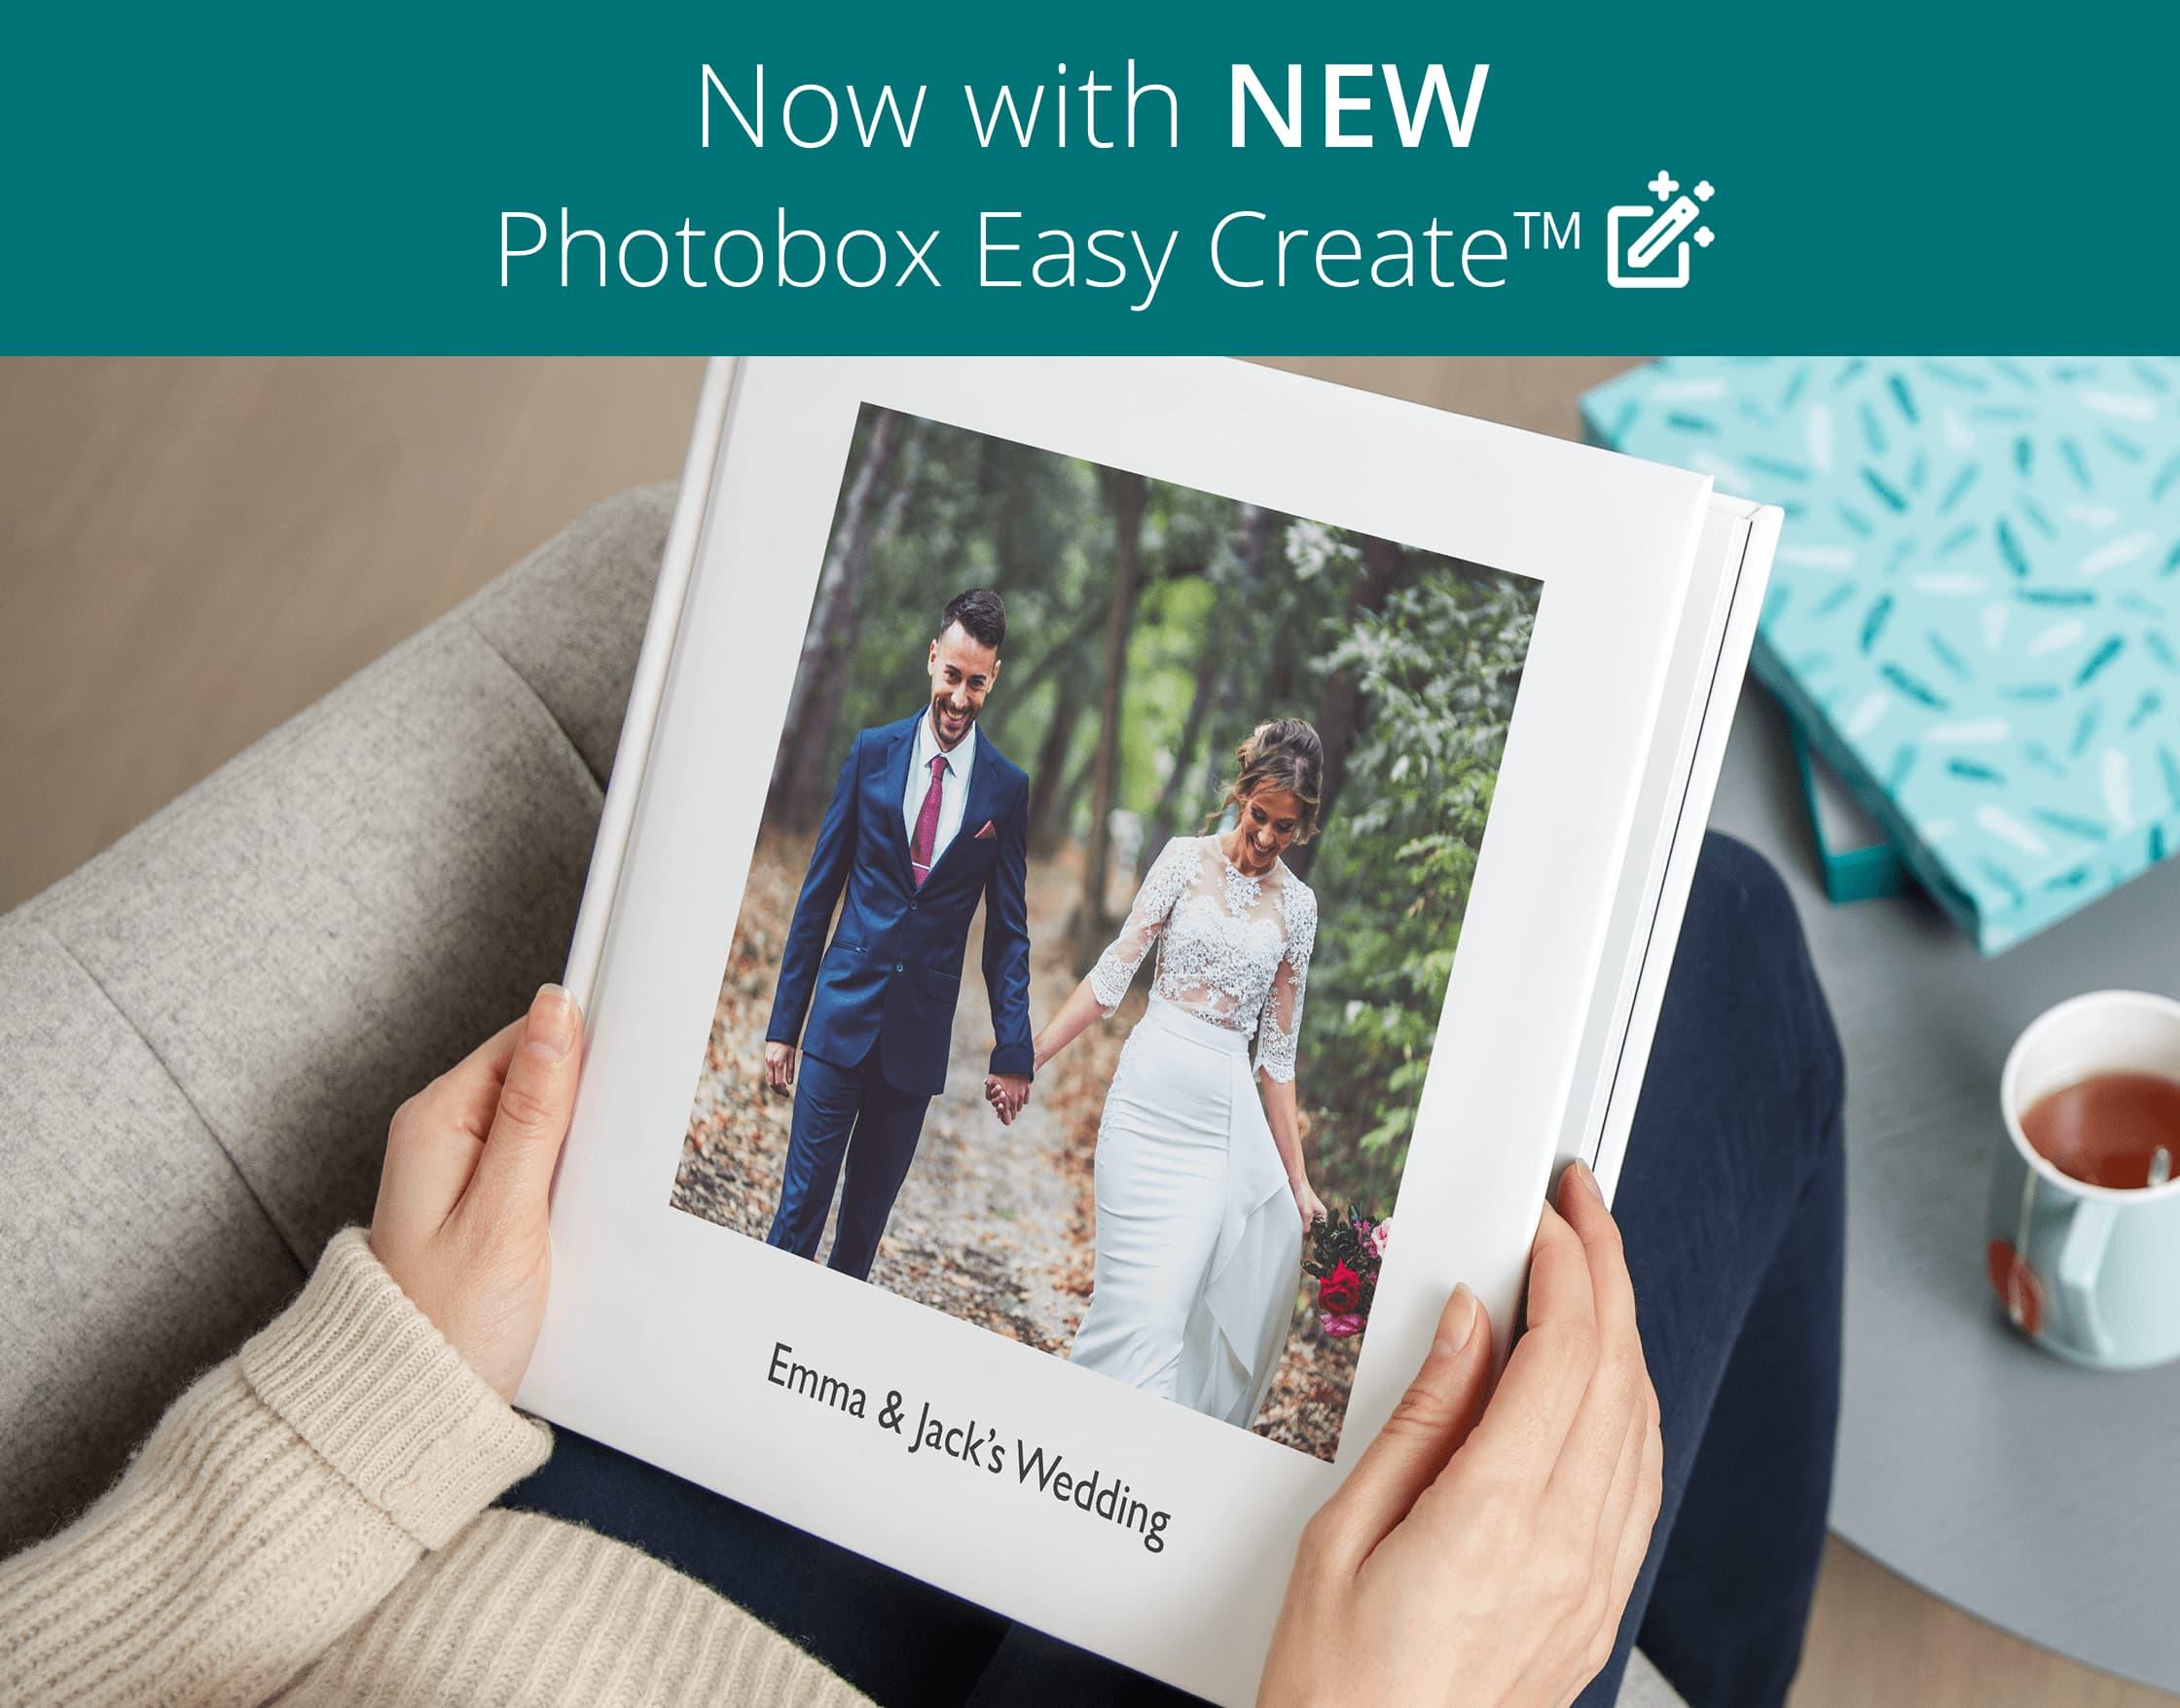 Photo Books range